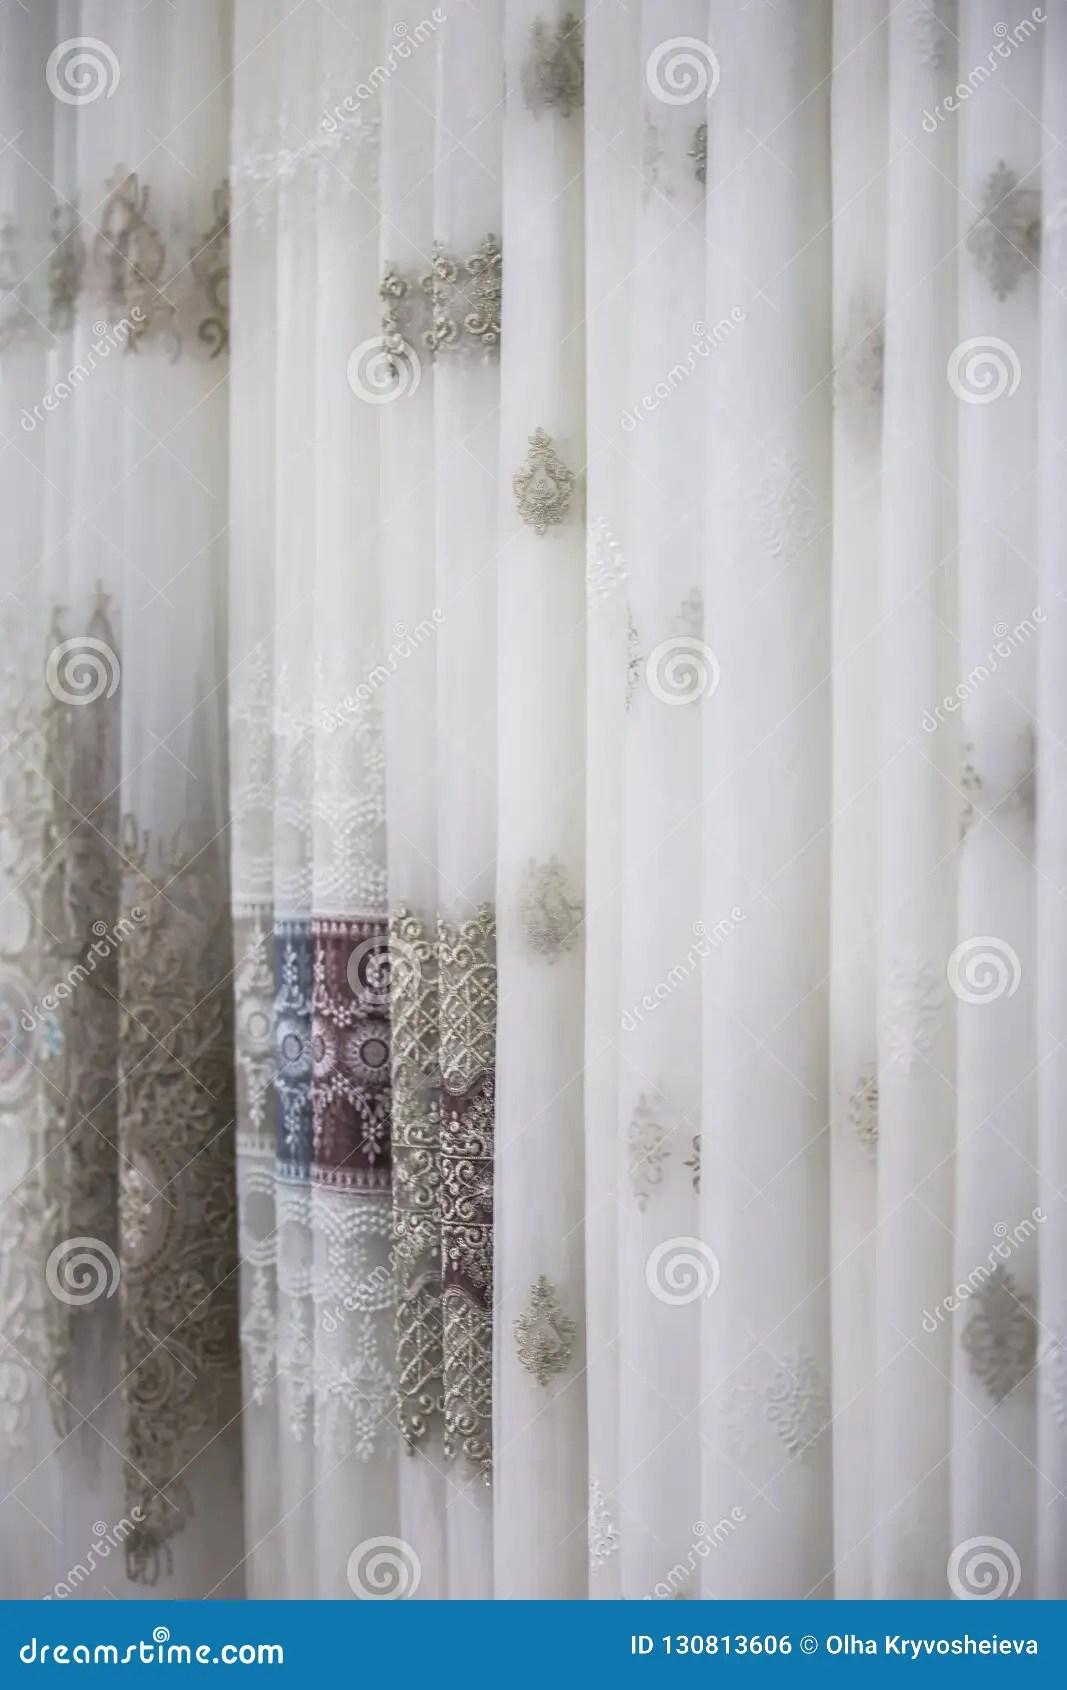 rideau pendant des cintres sur le rail